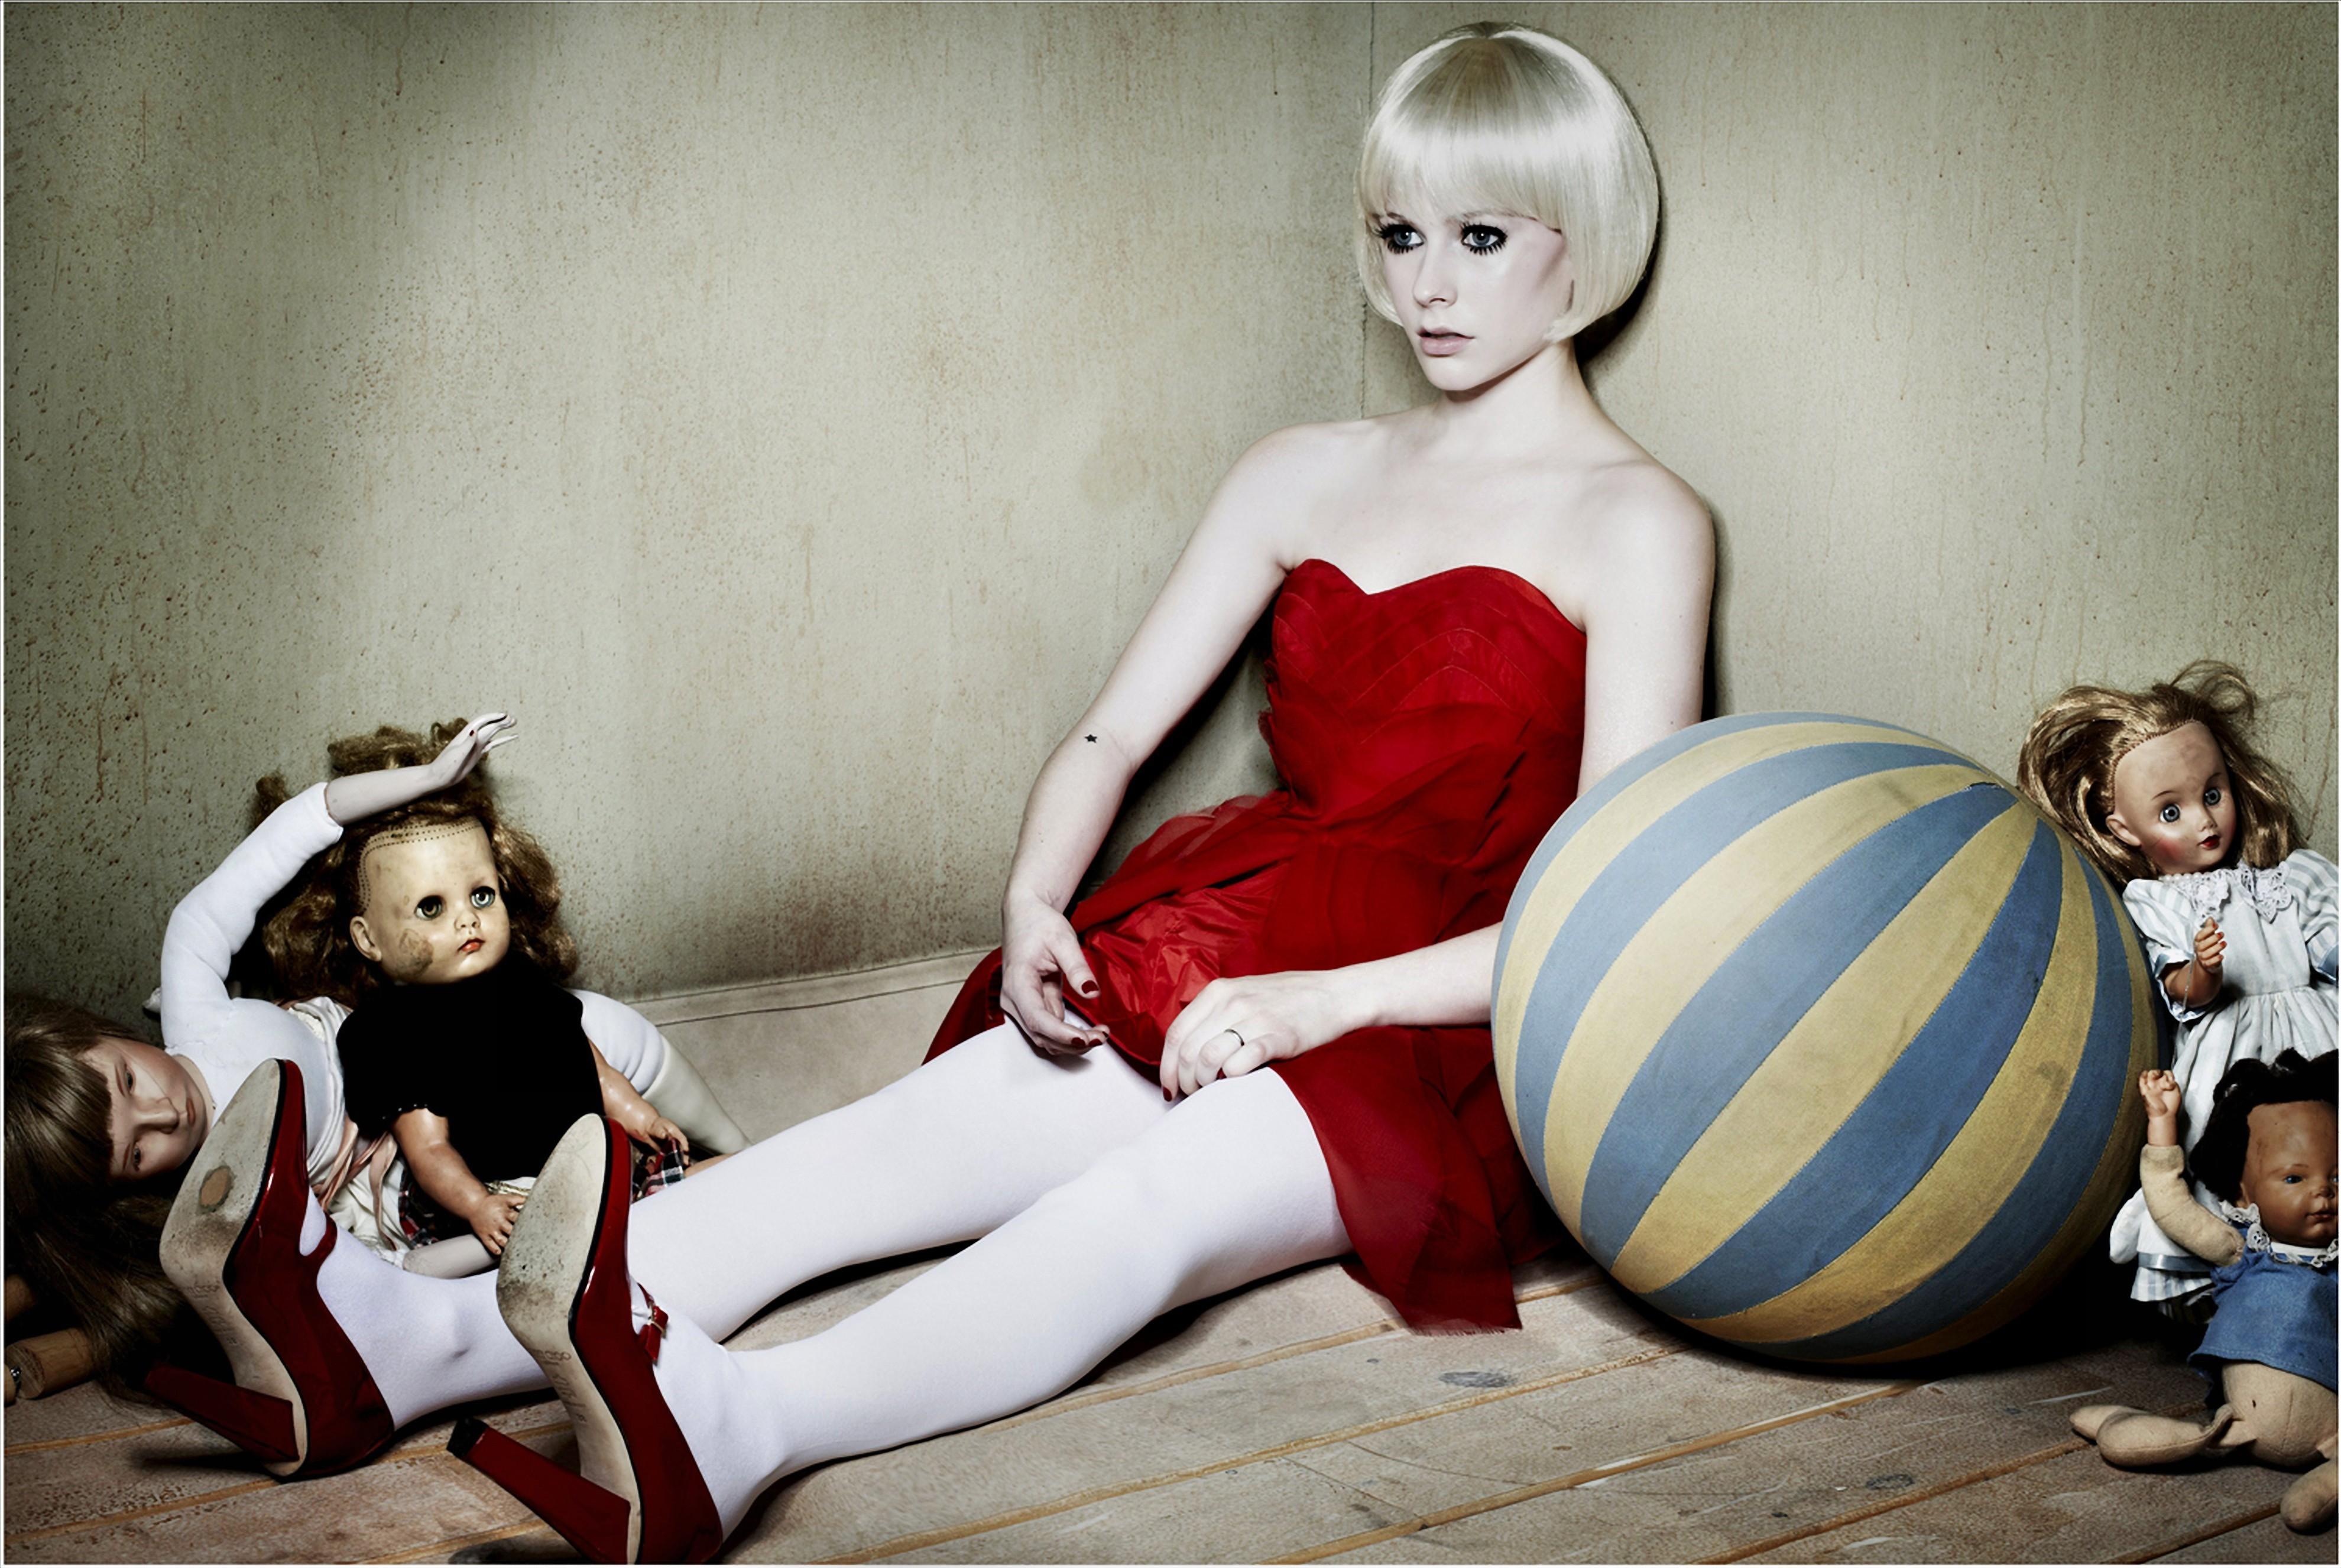 Фото девушек дома с игрушками 7 фотография